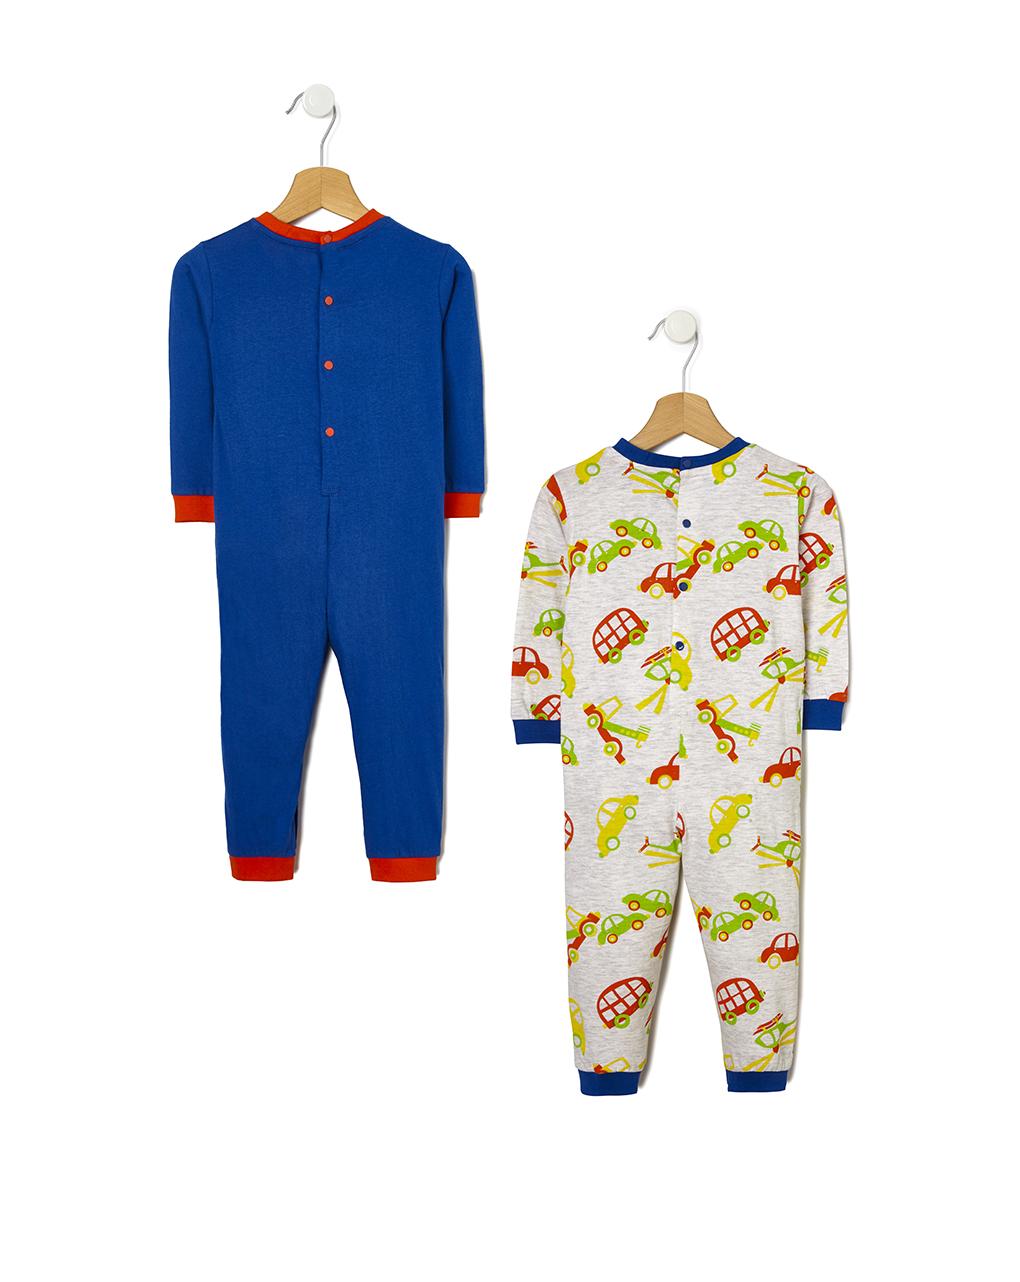 Pacote de 2 pijamas de carro - Prénatal